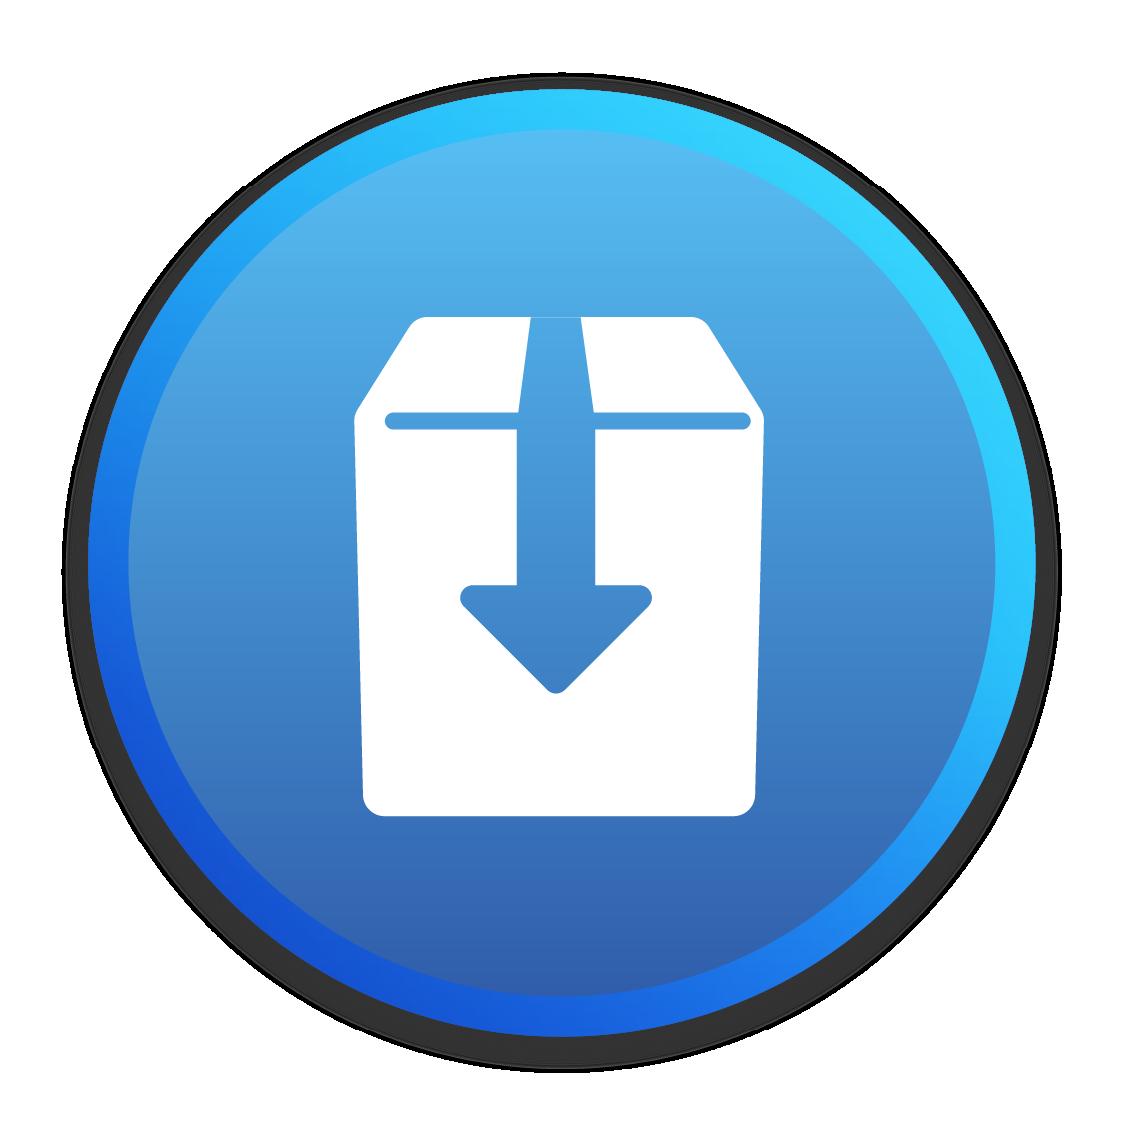 iQbit logo